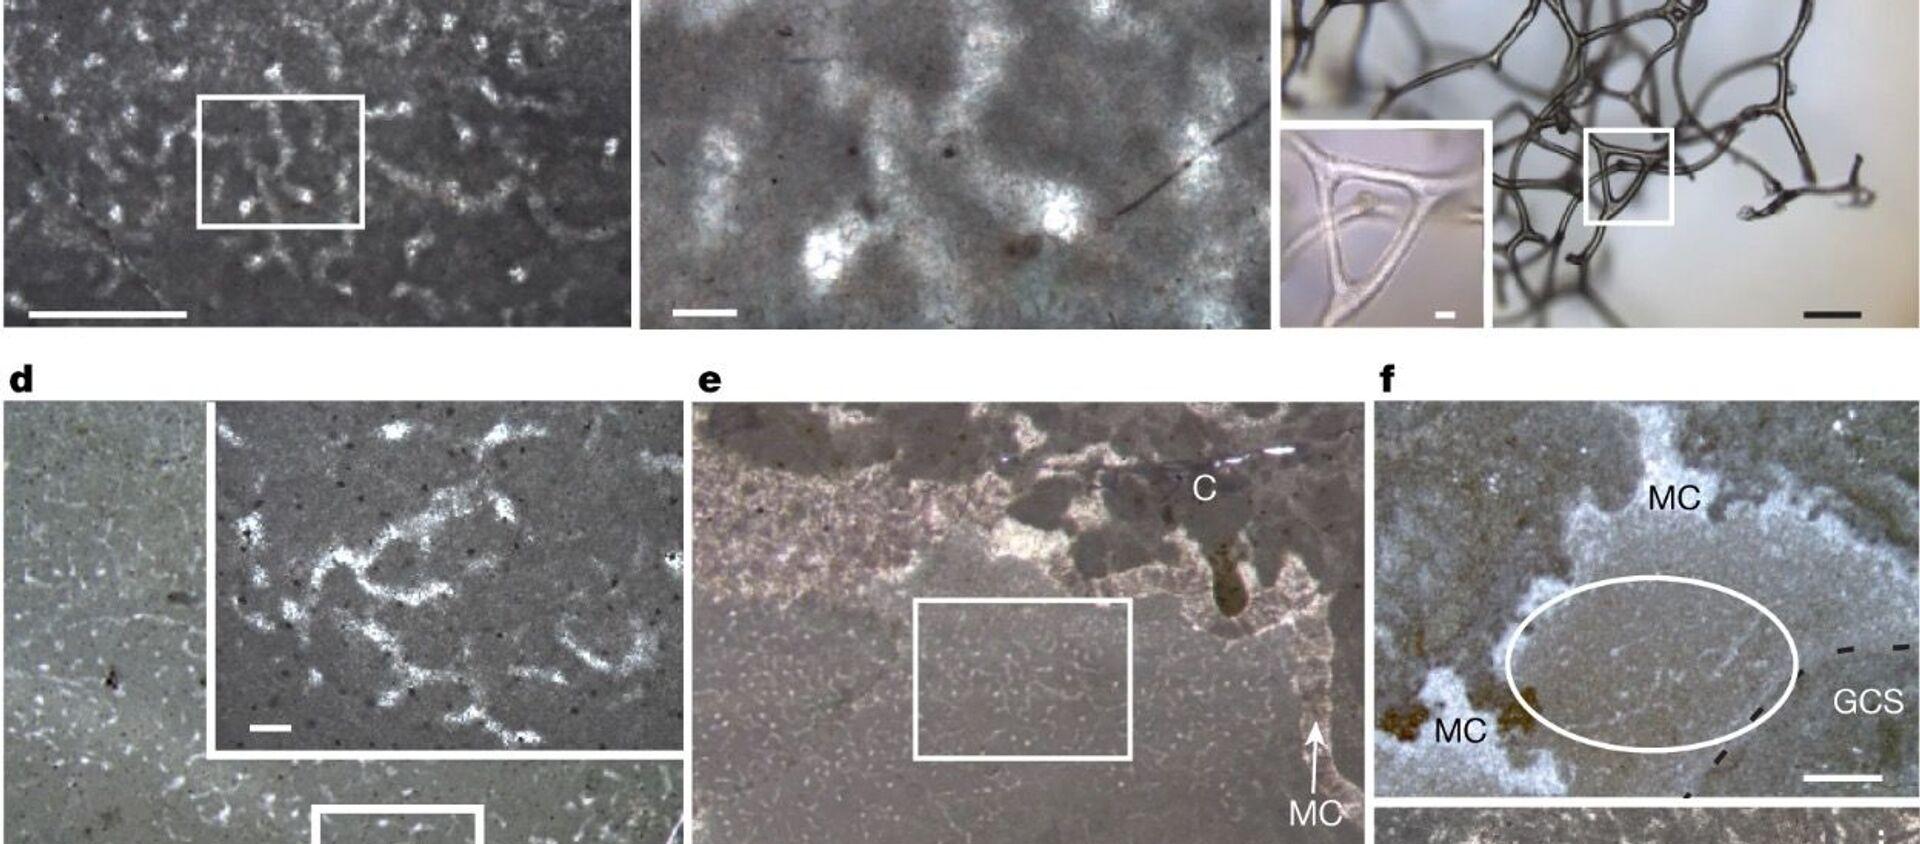 Окаменелости, напоминающие губки, в древних рифах, возраст которых составляет 890 миллионов лет - Sputnik 日本, 1920, 29.07.2021